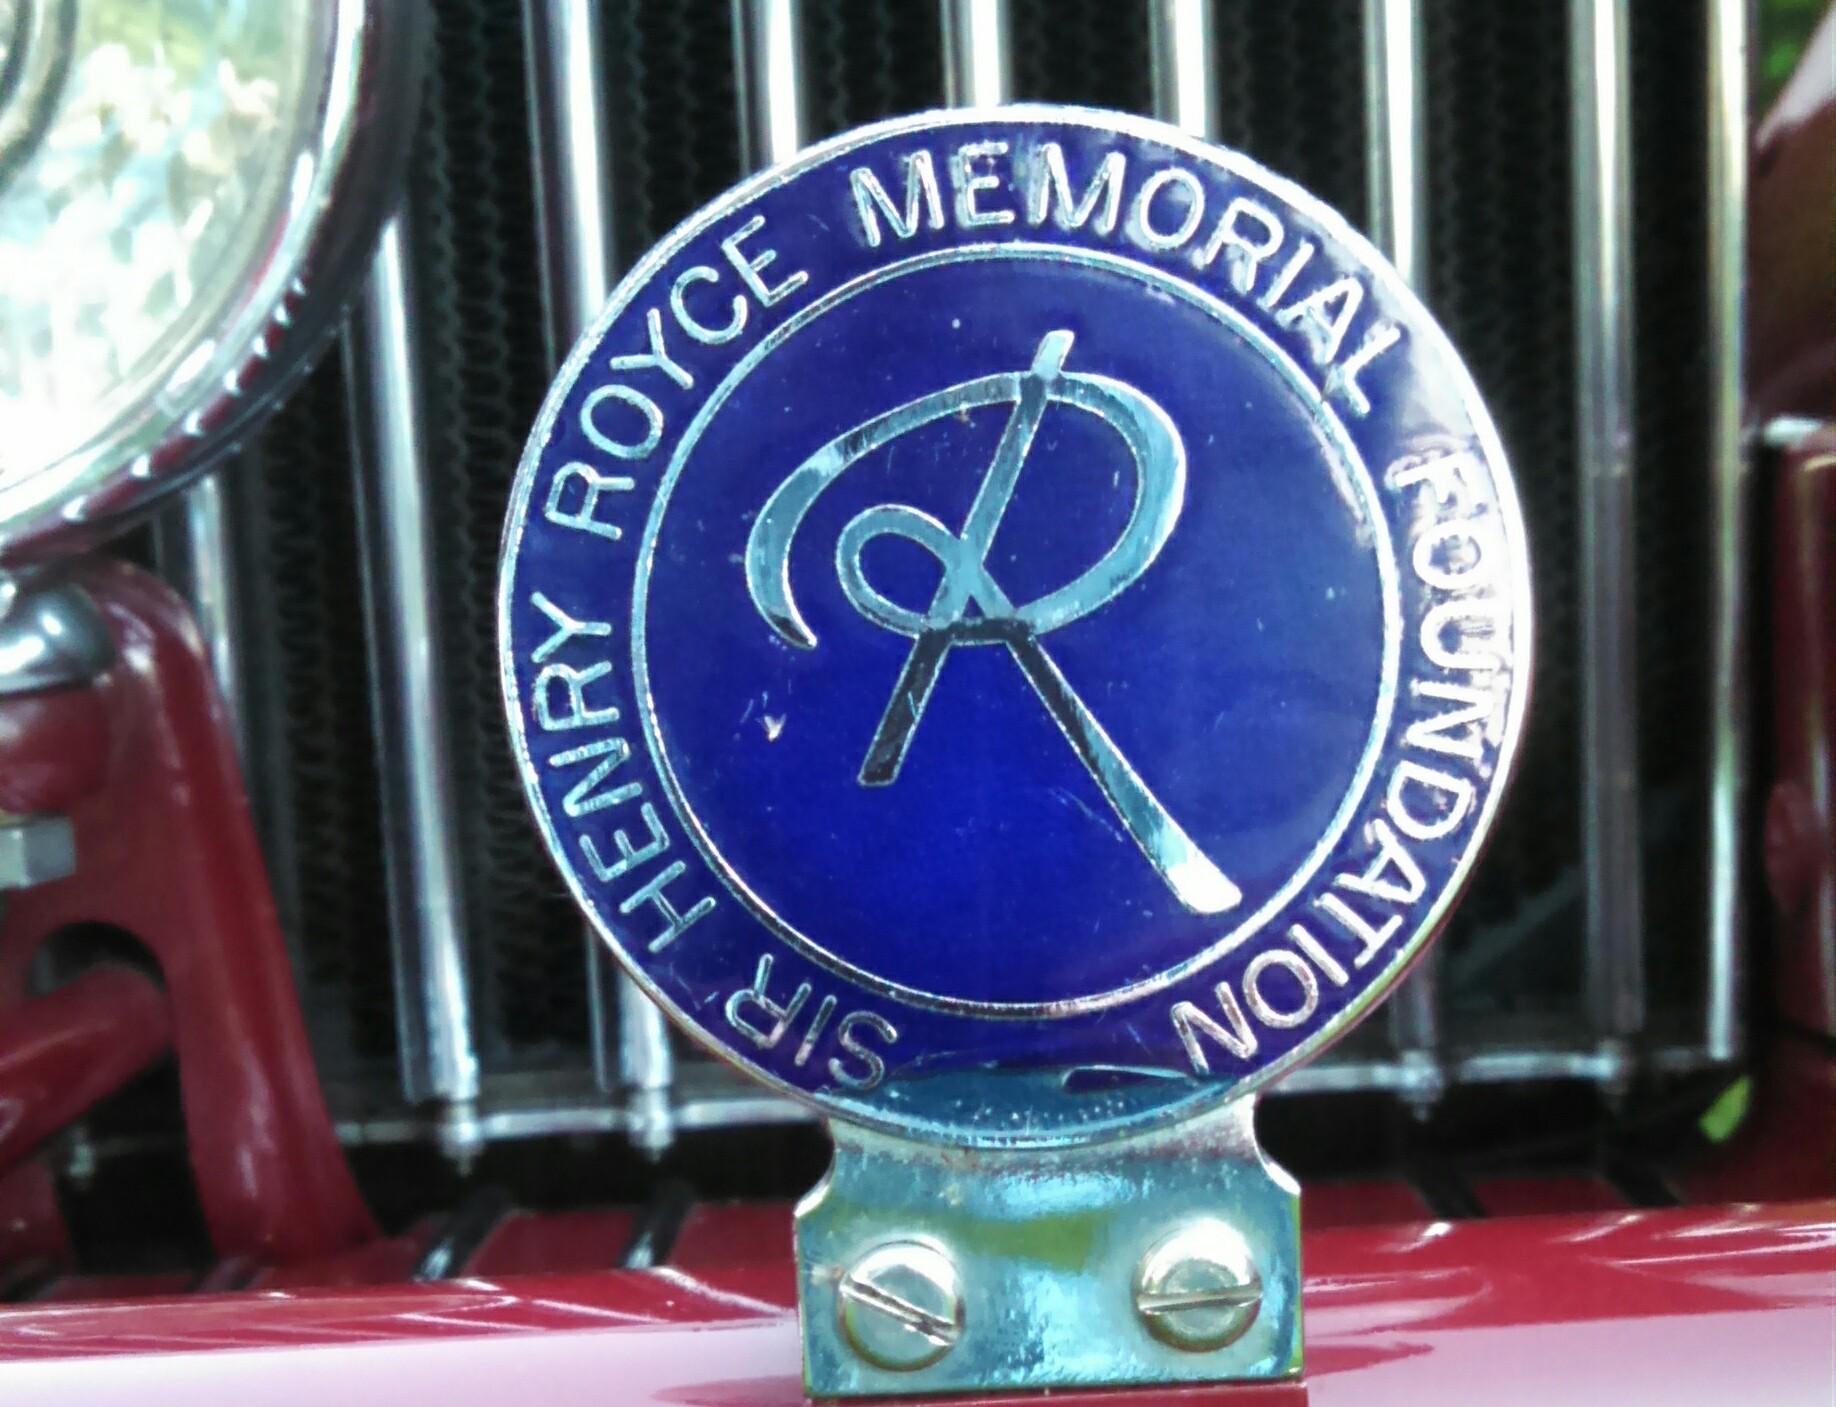 Sir Henry Memorial.jpg